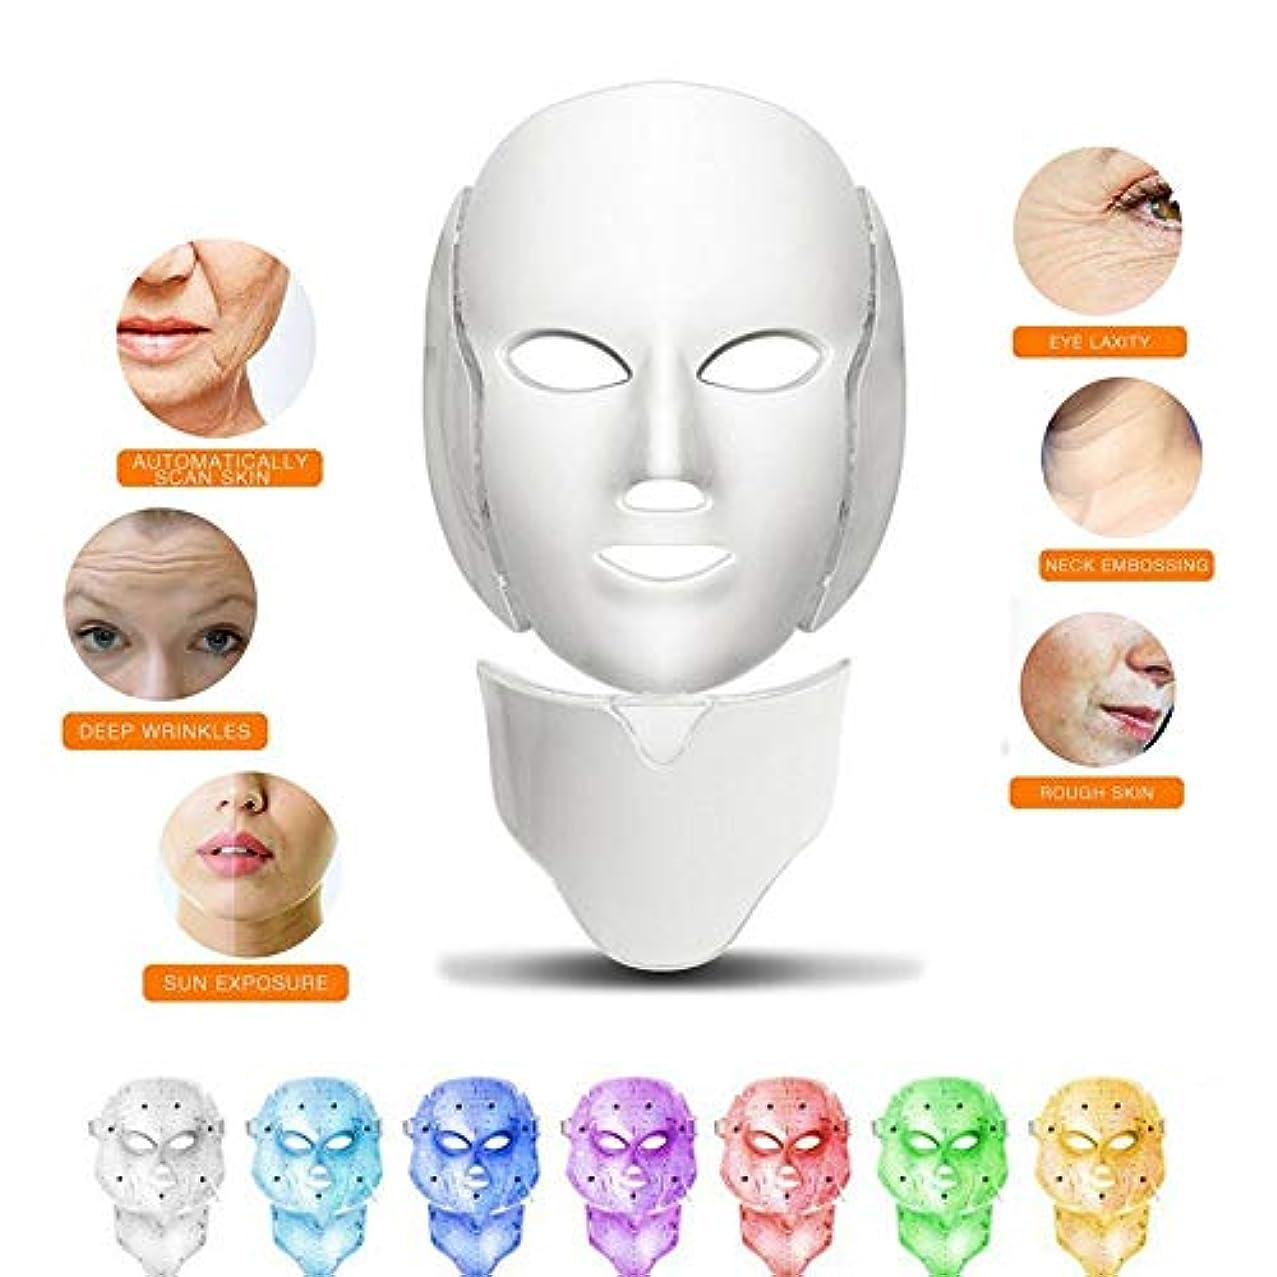 オズワルド強調チェリー赤色光光子療法機7色ledフェイスマスク+首、肌の若返りしわにきび除去フェイシャルスパ美容機器、ホワイト